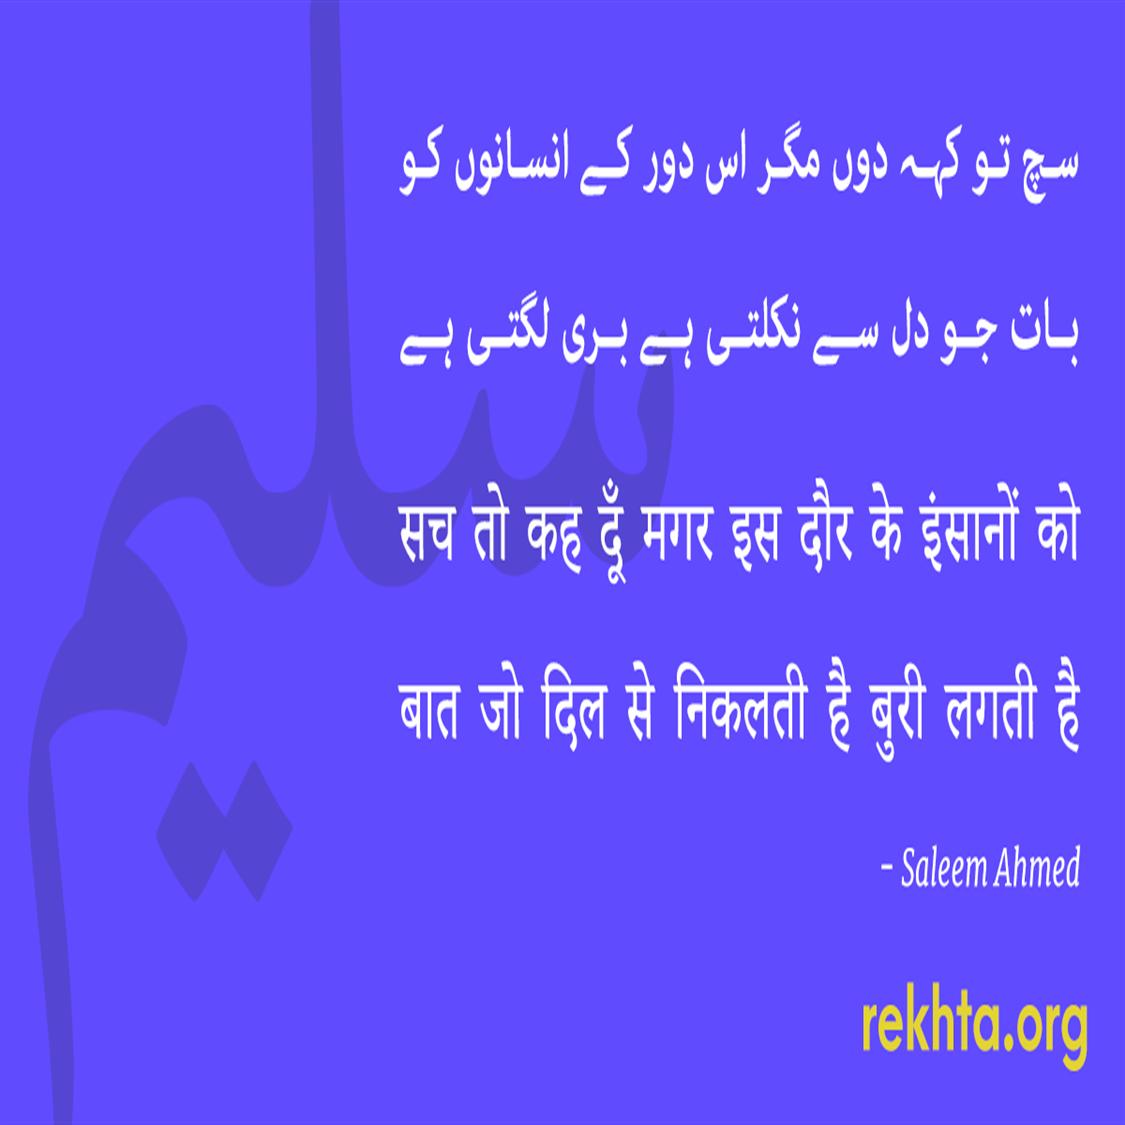 sach to kah duu.n magar is daur ke insaano.n ko-Saleem Ahmed